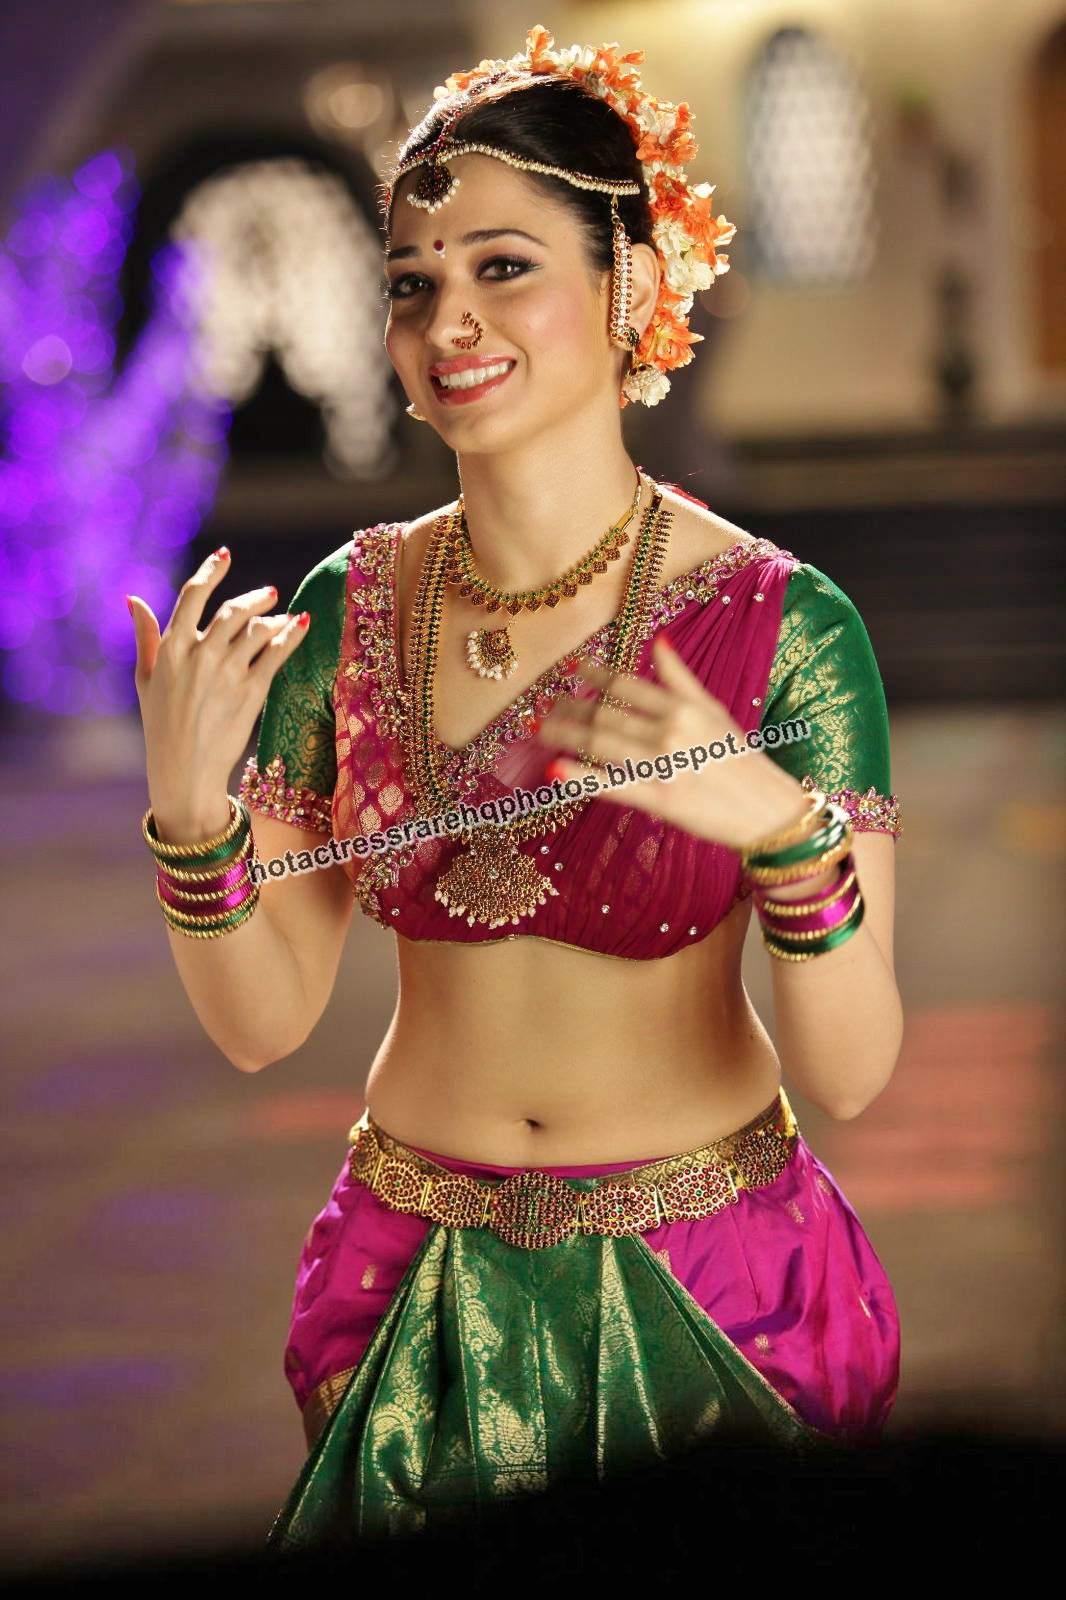 Hot Indian Actress Rare HQ Photos: Tamil and Telugu